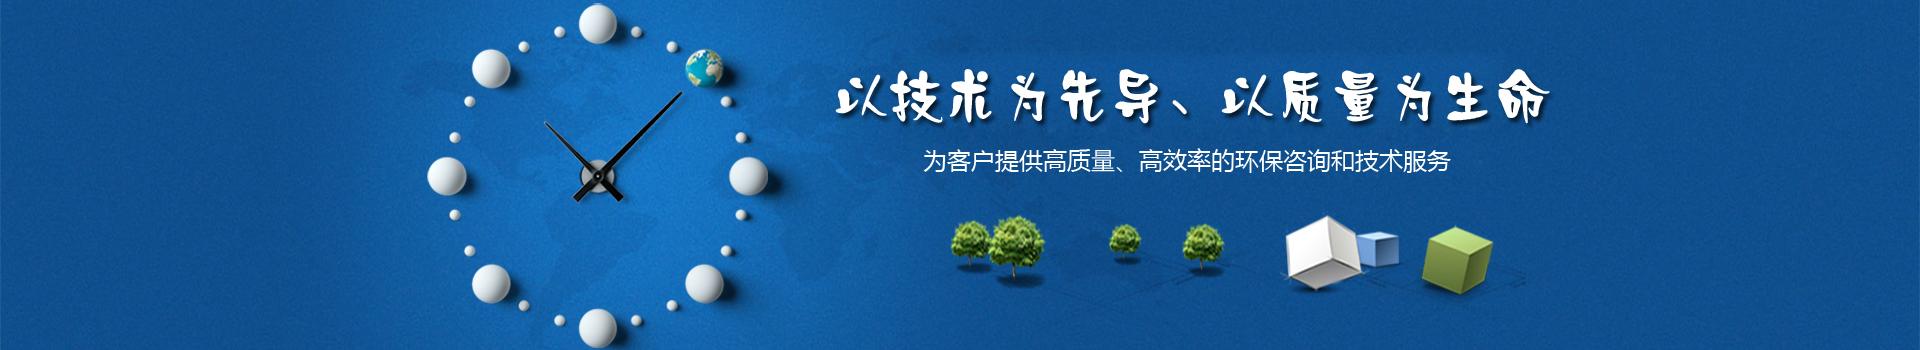 第三方环境检测,环境检测机构,环境污染检测